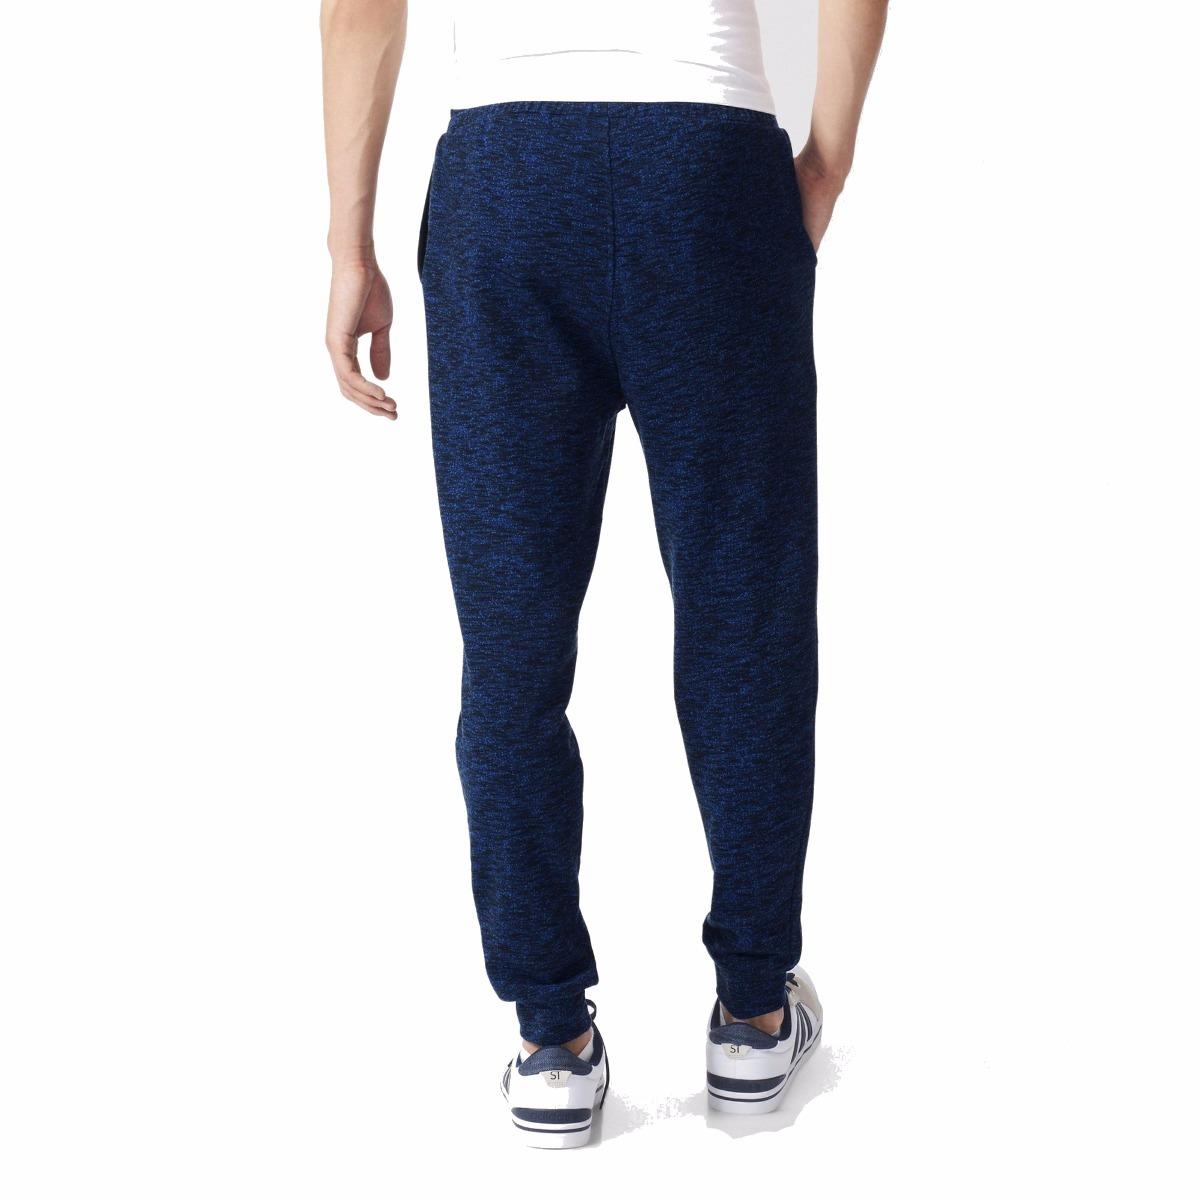 Pantalón adidas Neo Jogging Con Logo Importado!